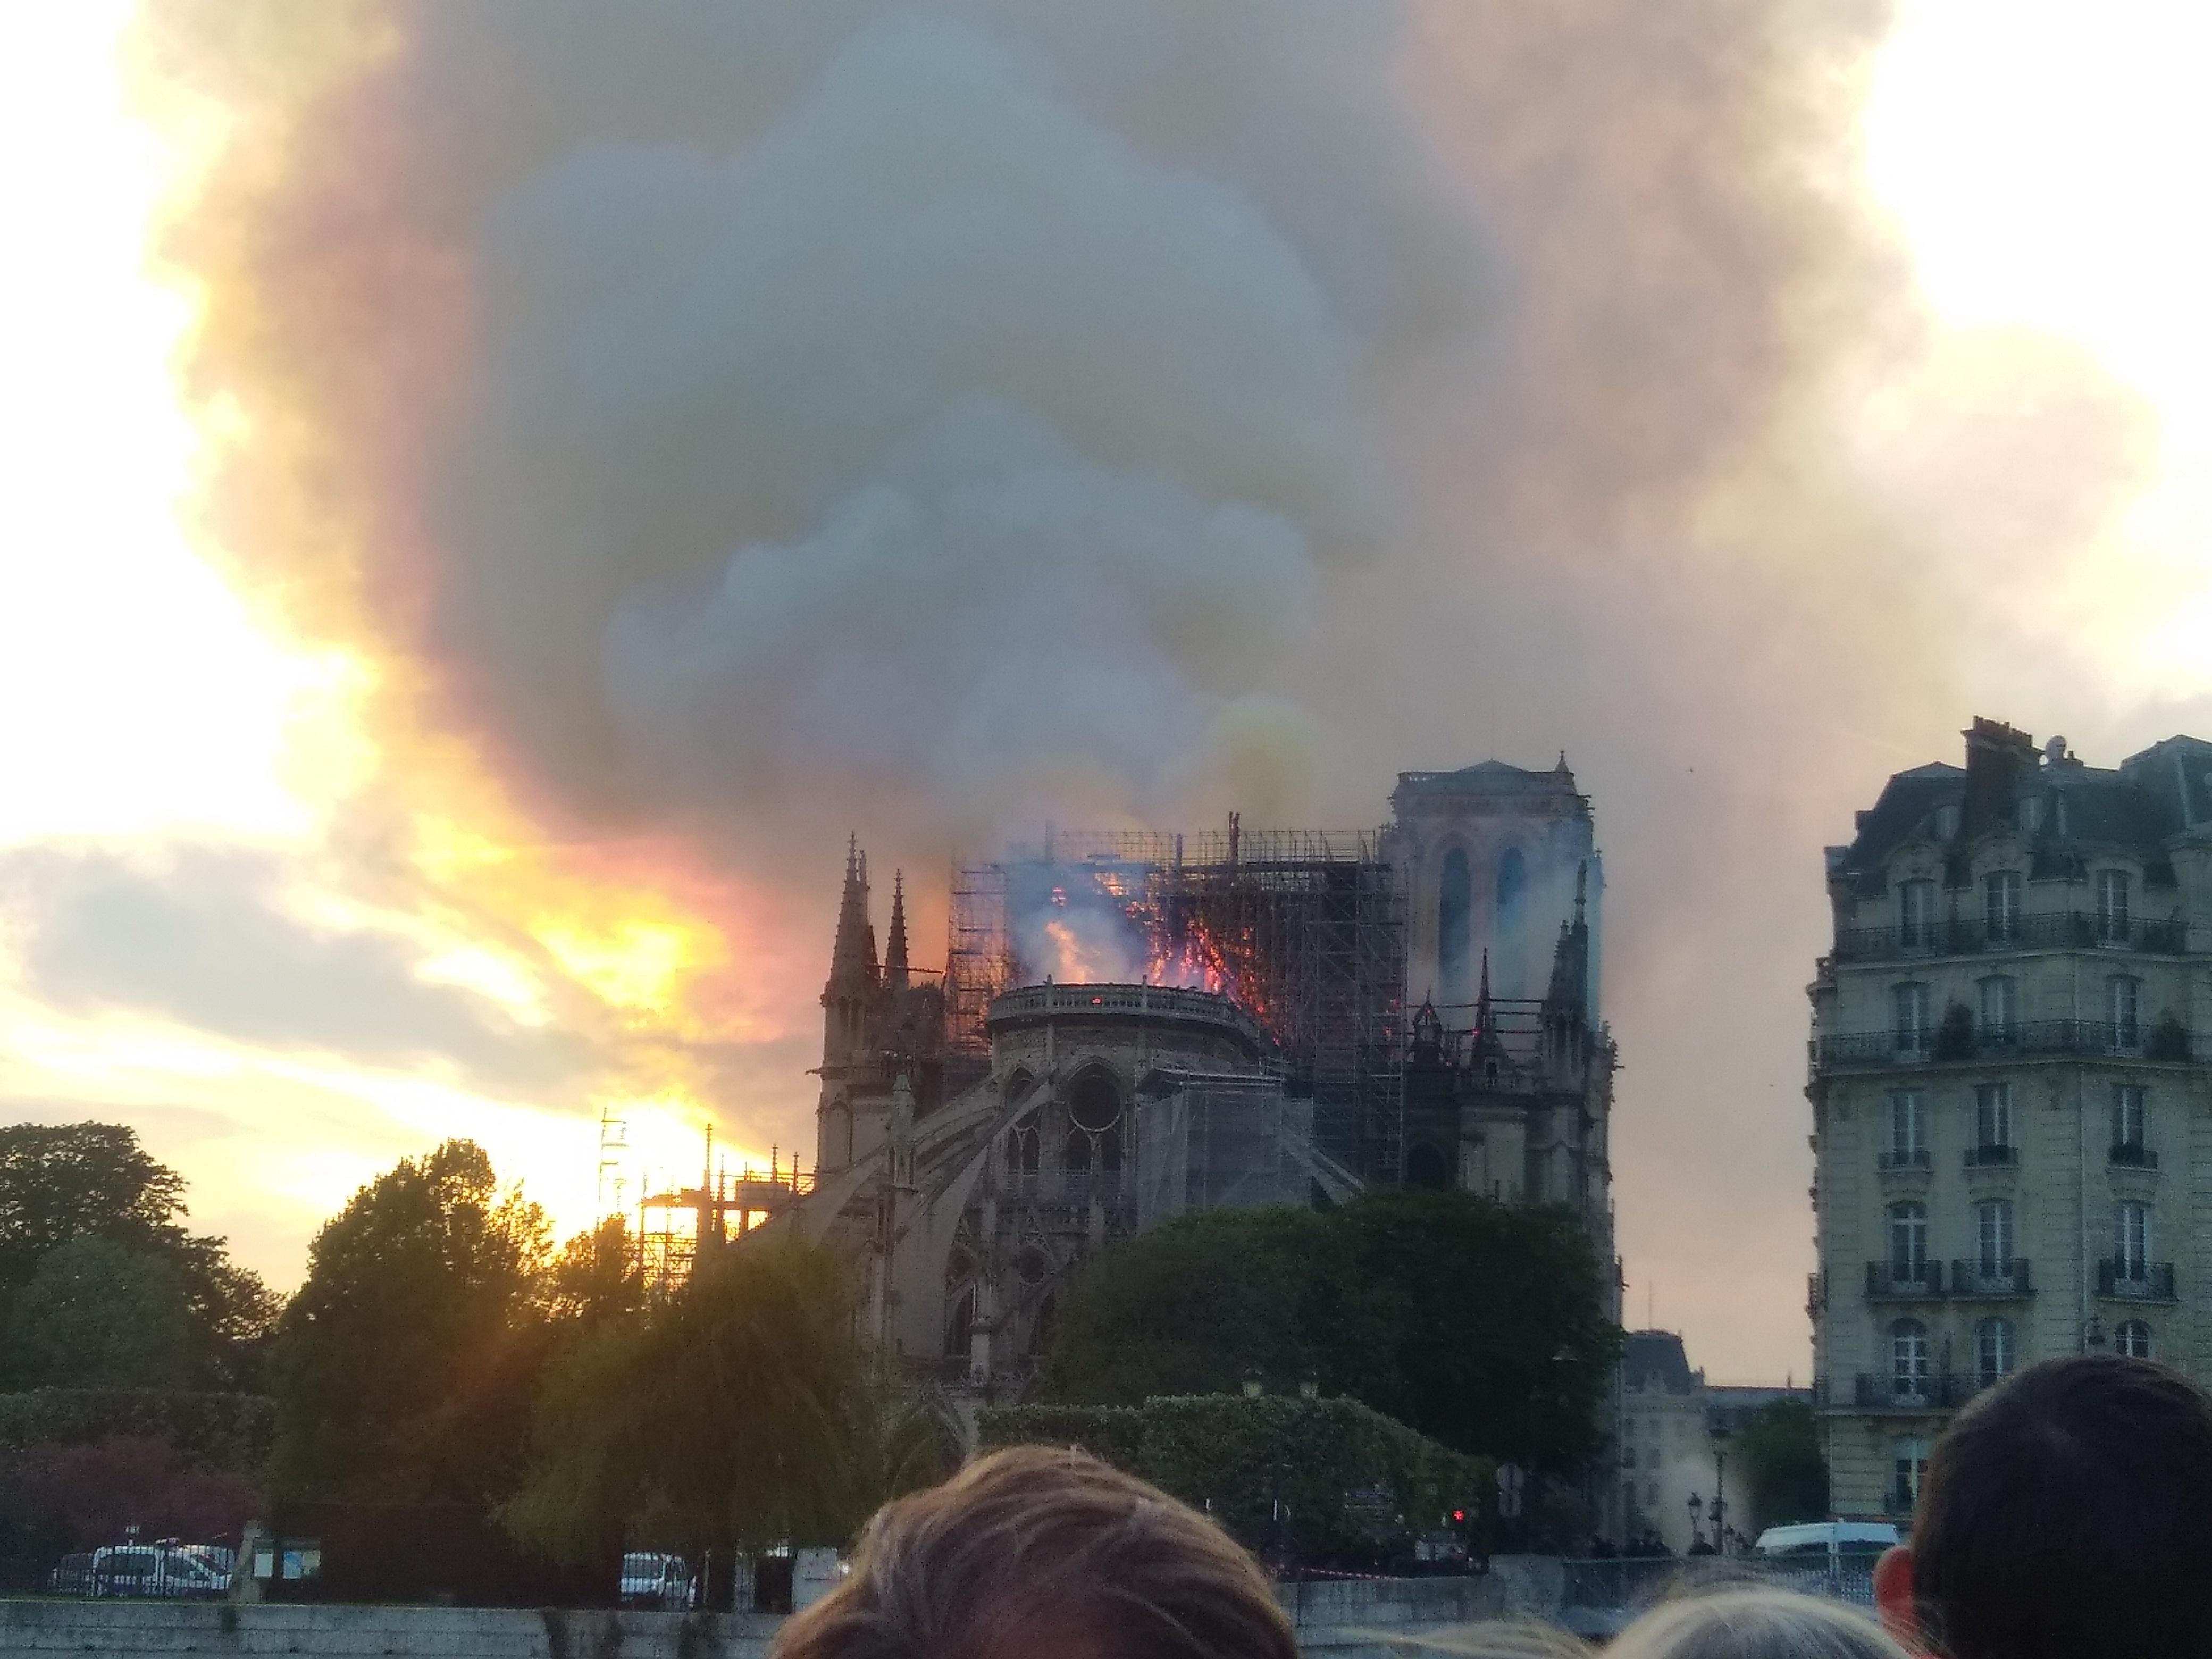 Incendie de Notre-Dame de Paris, 15 avril, 2019